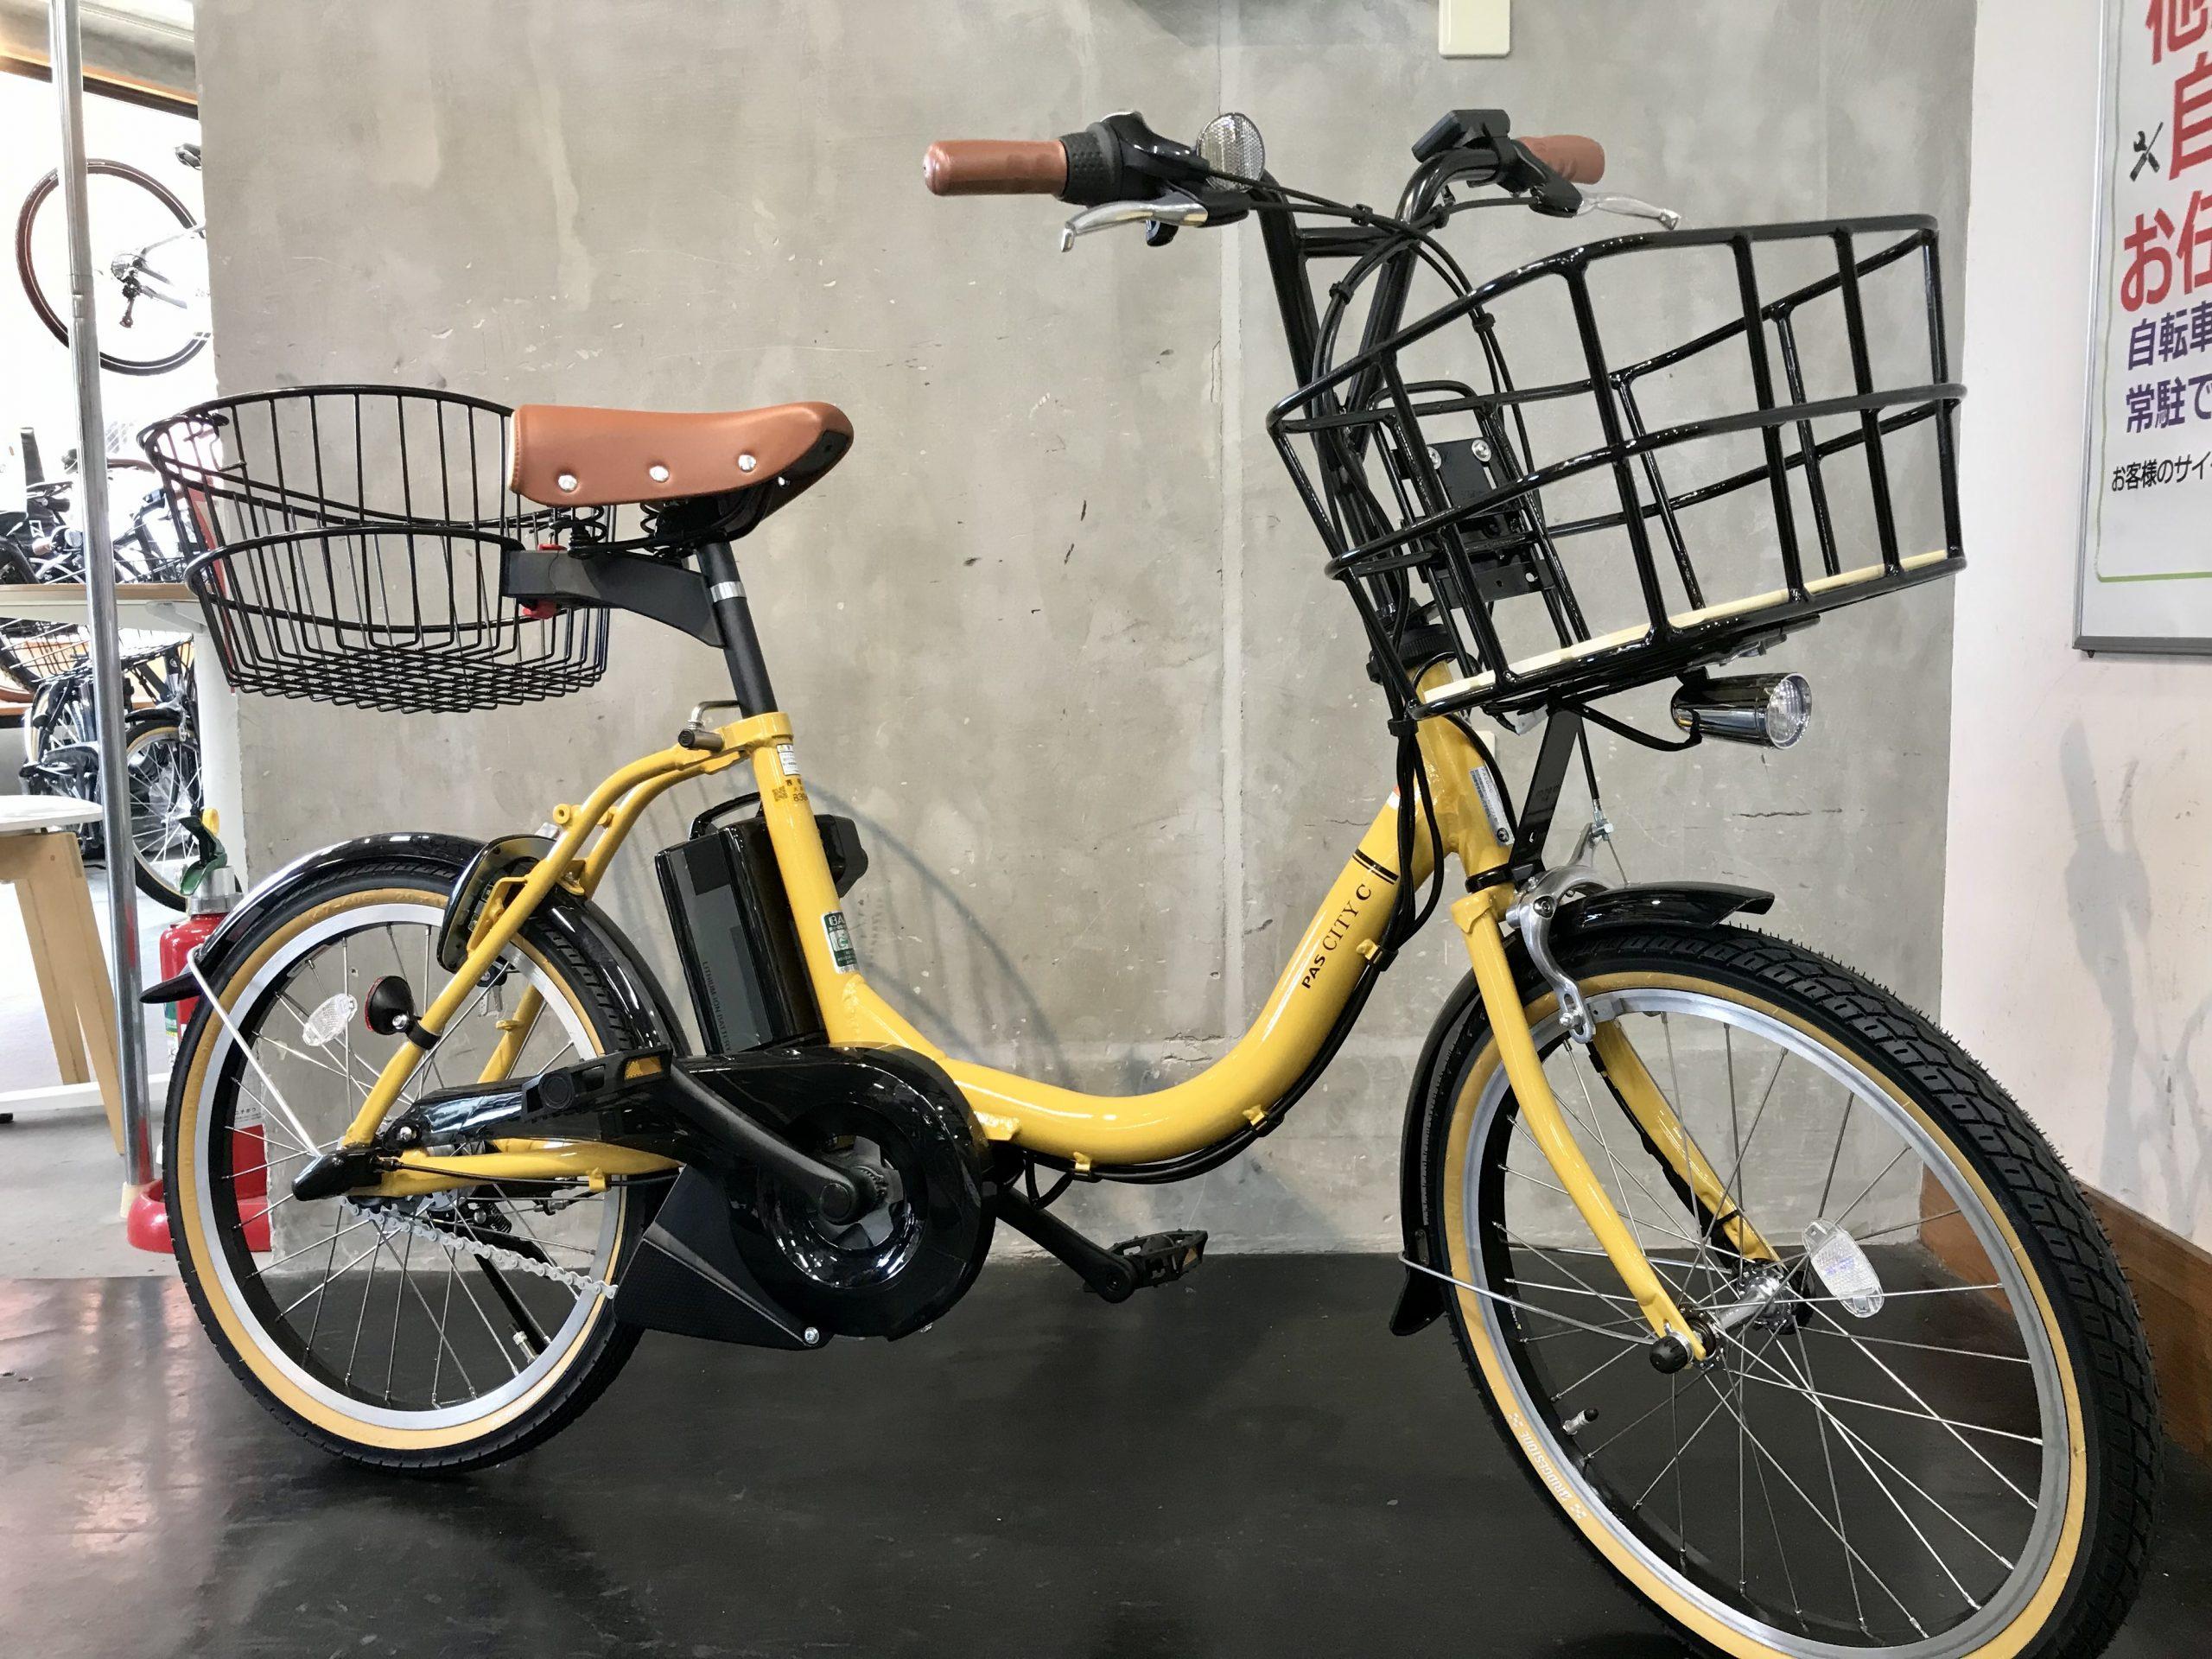 【大井町店・電動自転車カスタム】PAS CITY-C(YAMAHA)